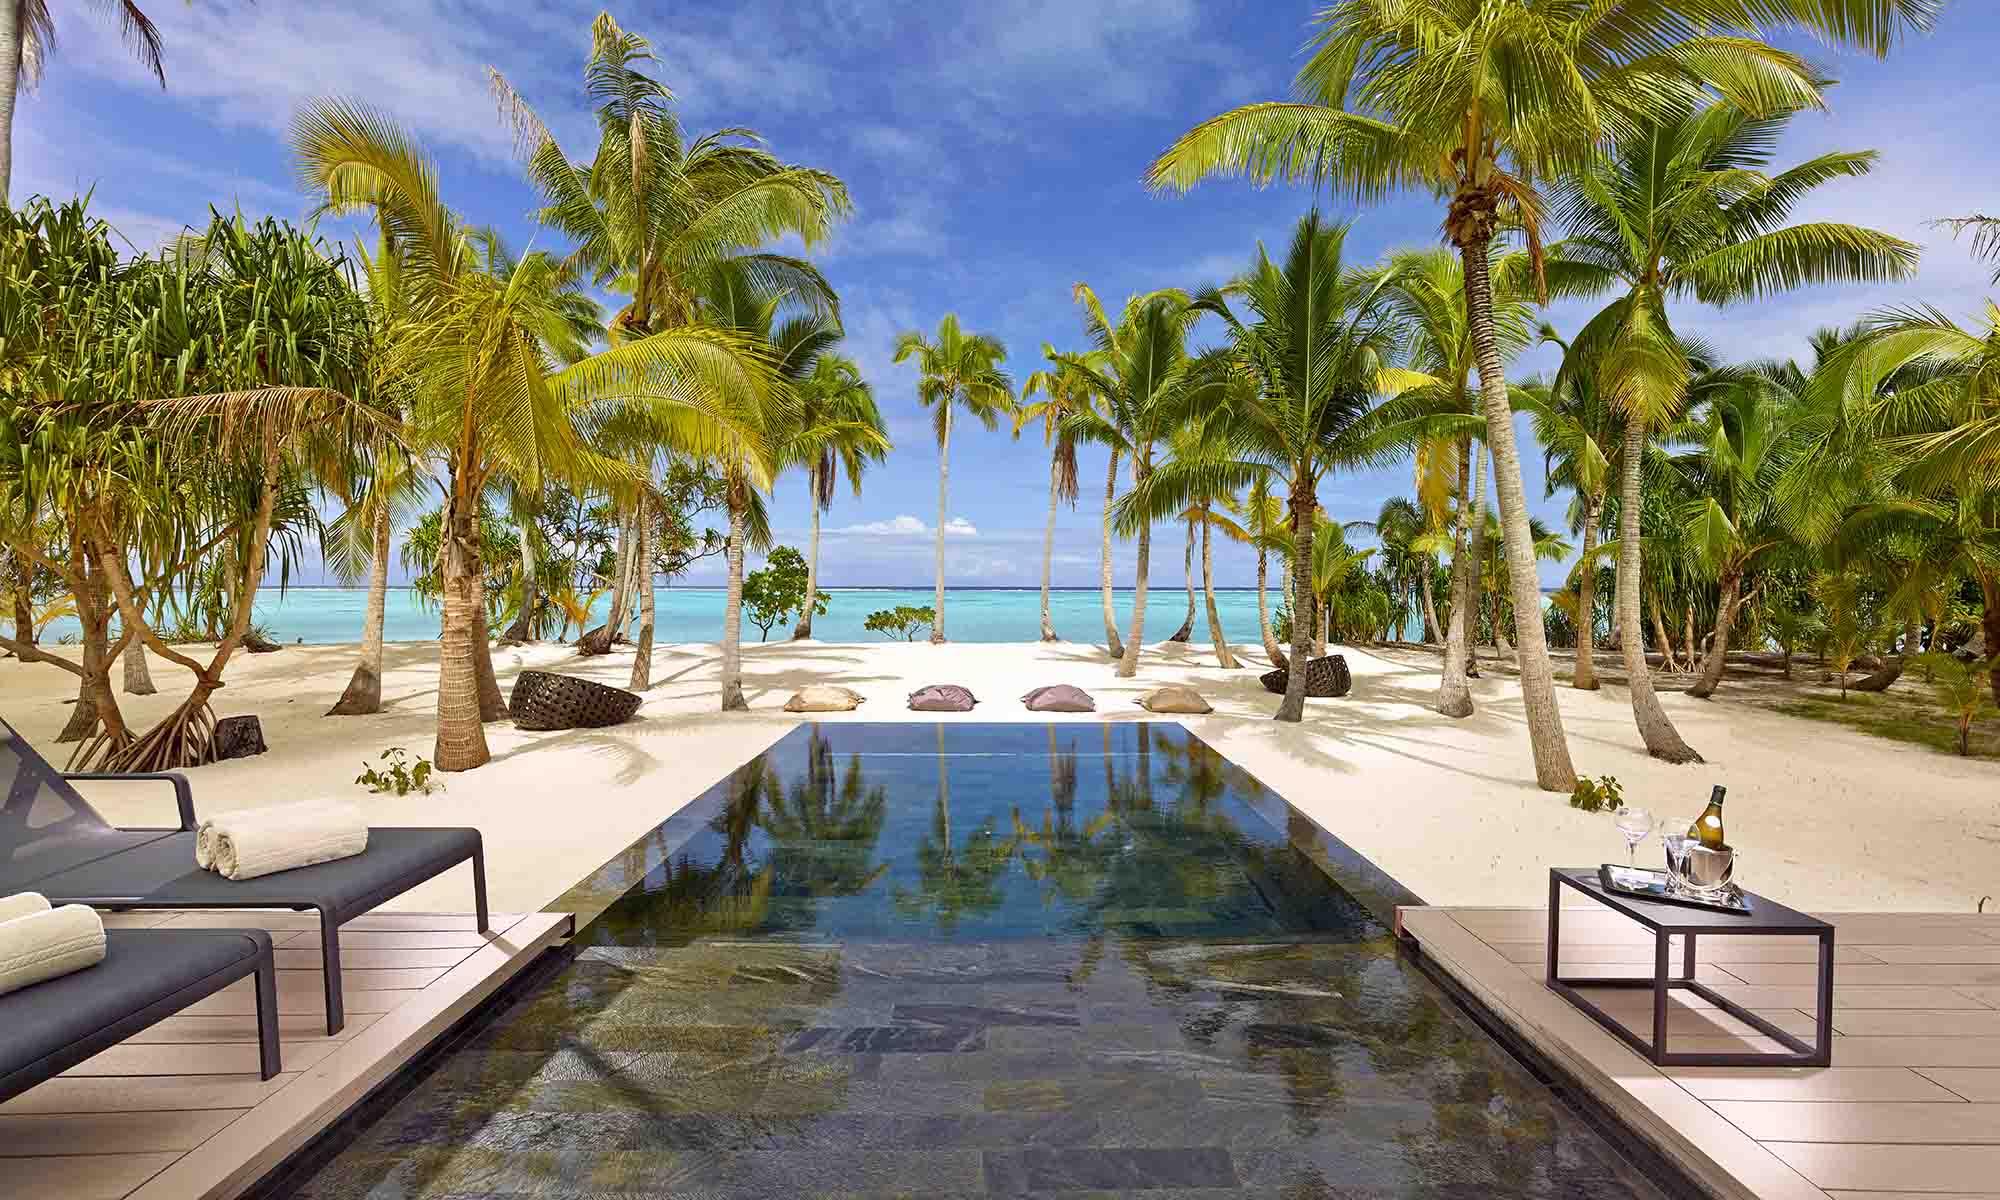 TTITBR-Villa-Pool-2000x1200_34556.jpg